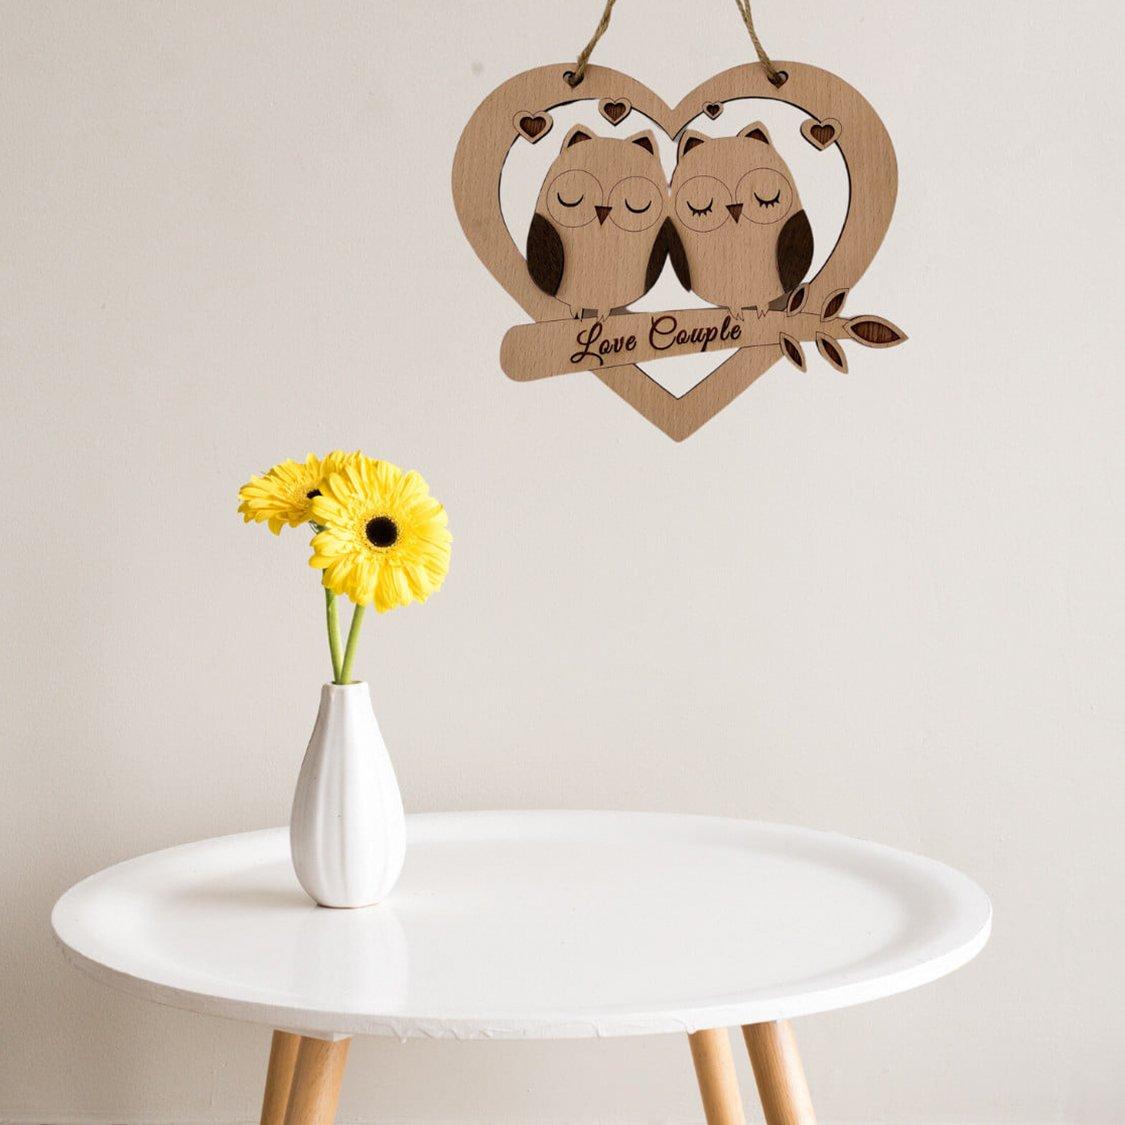 Bảng Gỗ Handmade Treo Tường Hình trái tim Love Couple